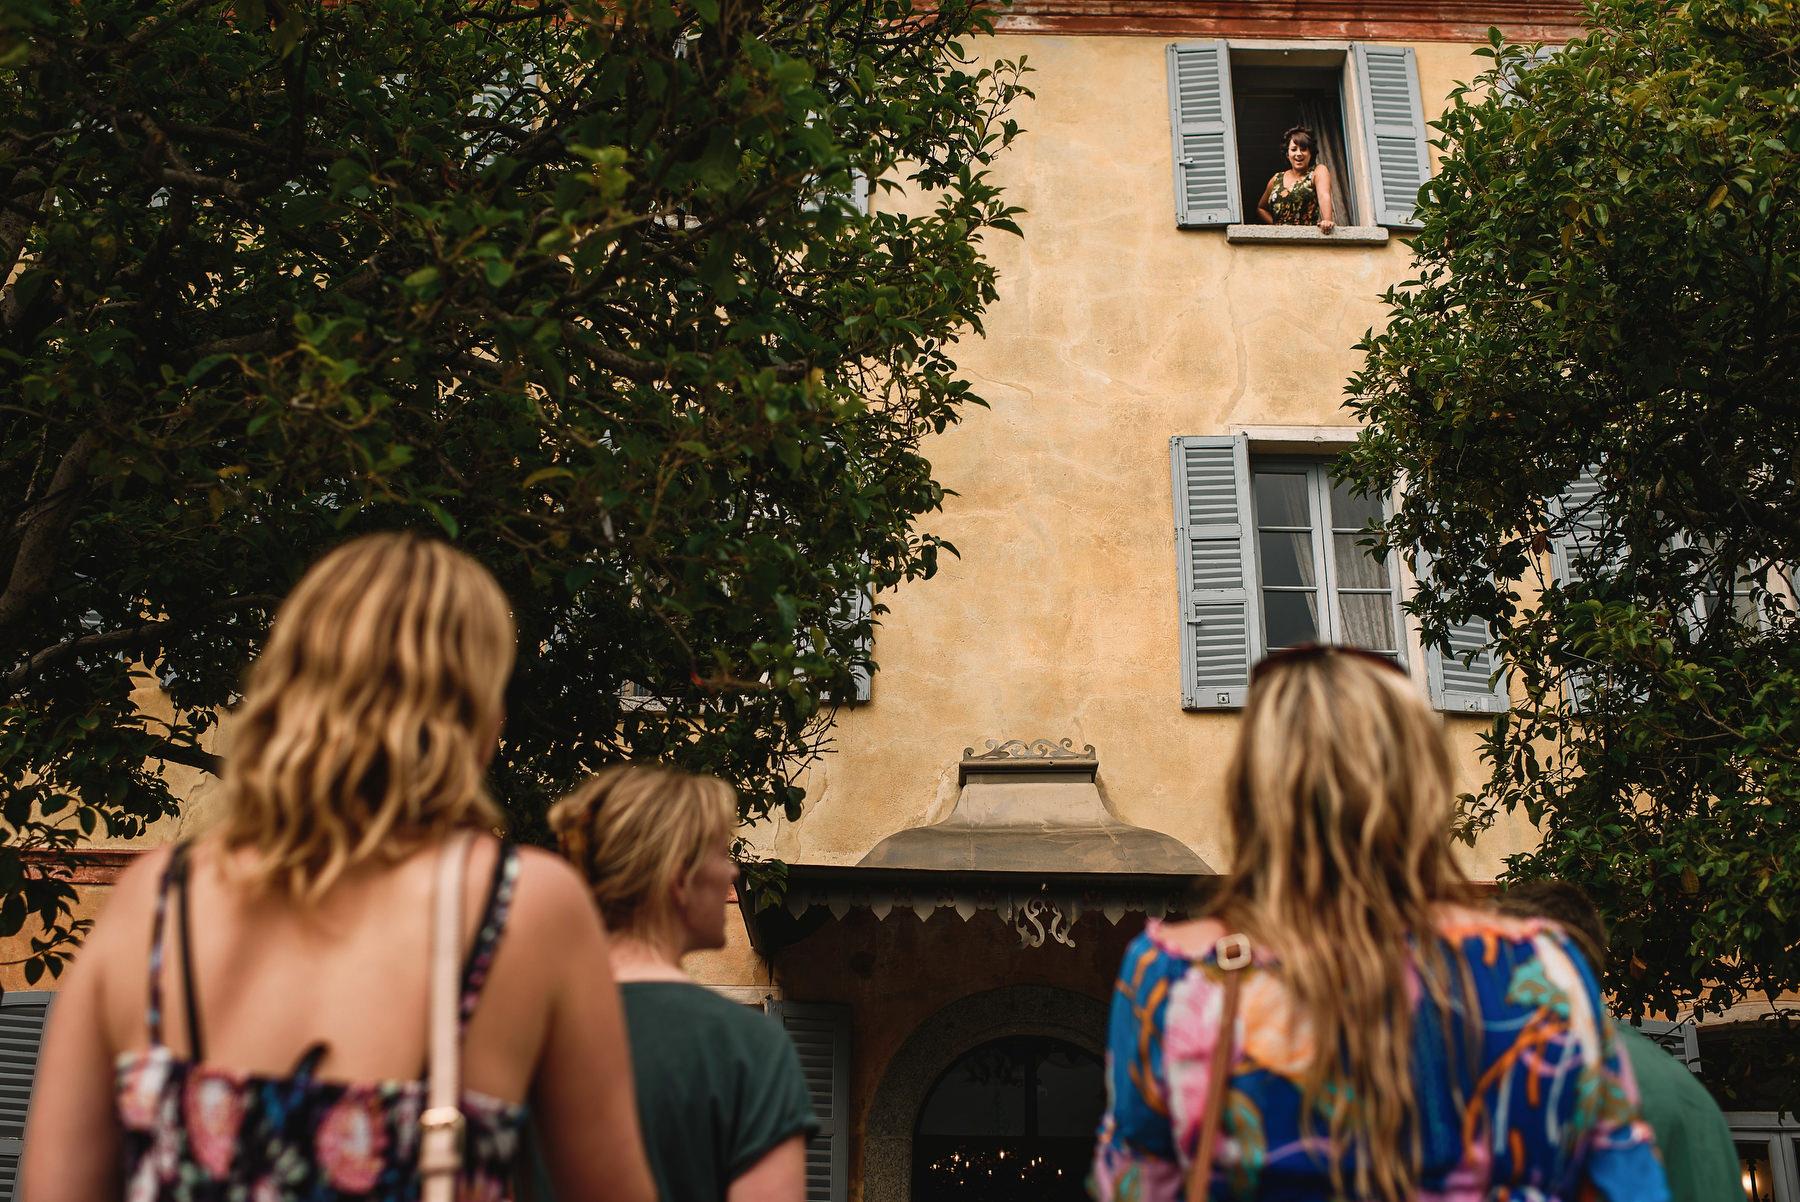 Italian Destination Wedding - Villa Regina Teodolinda Wedding Photographer